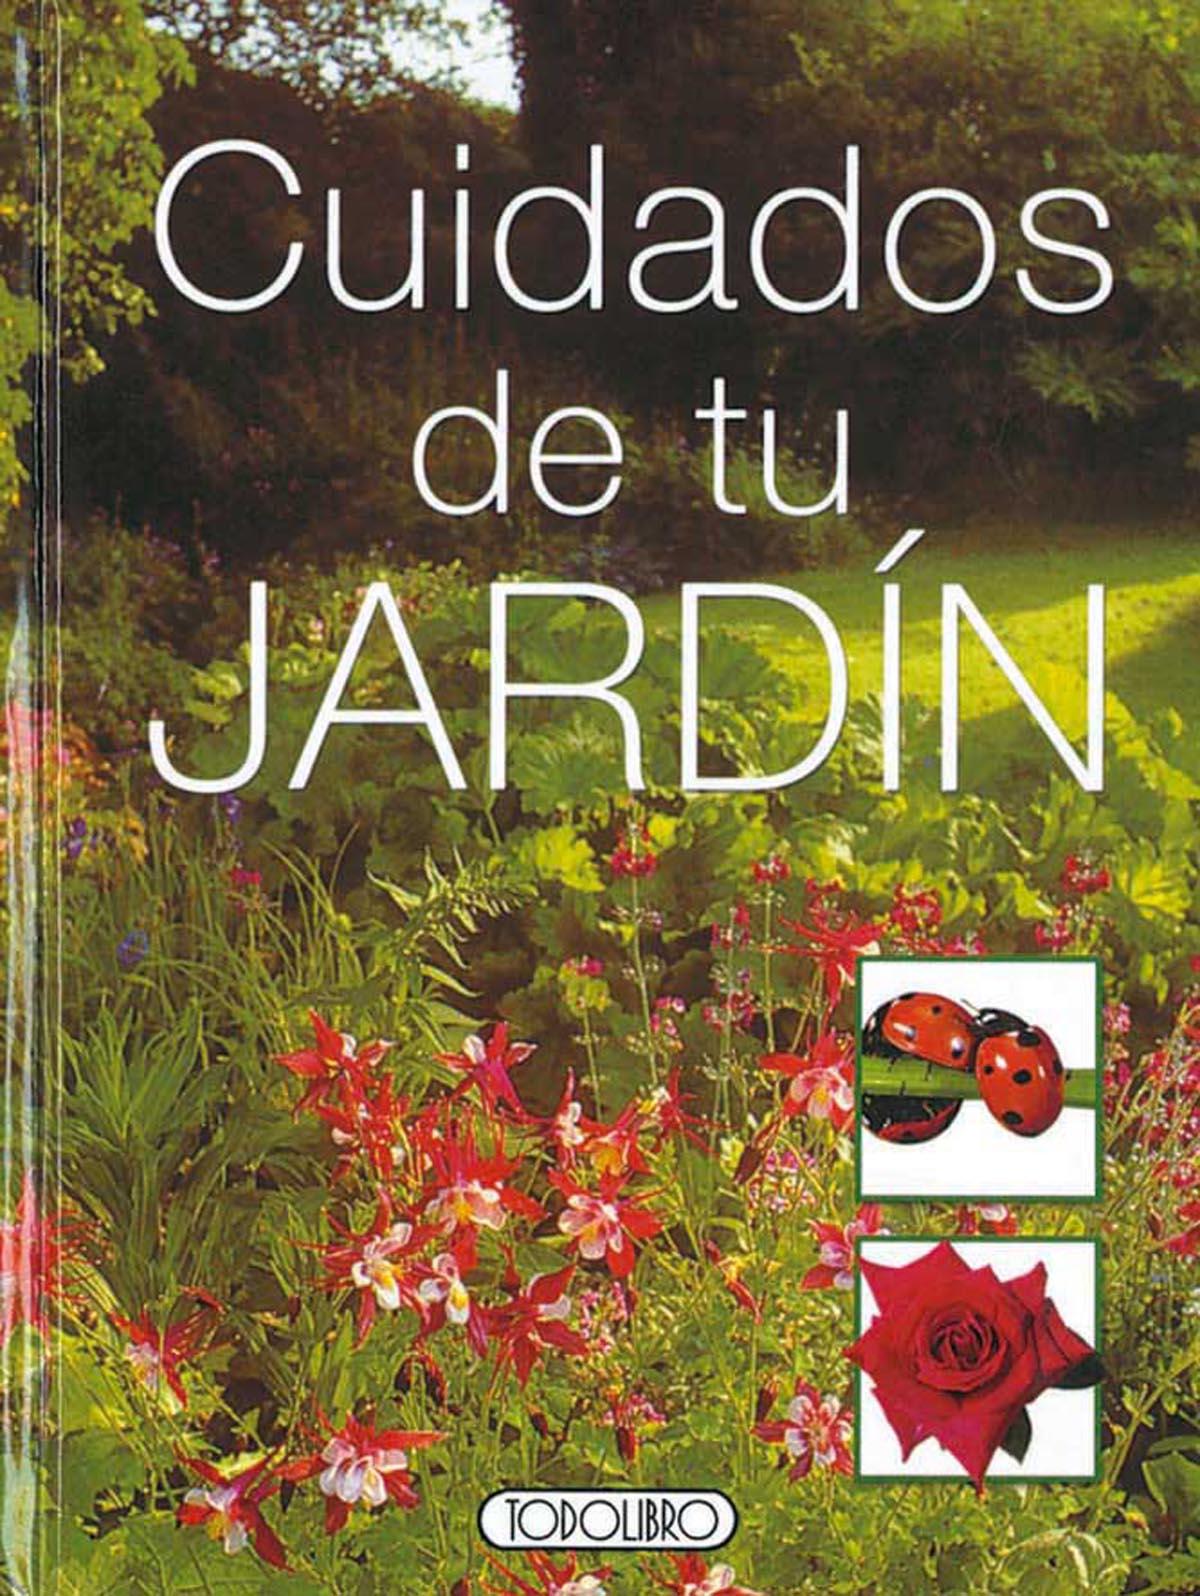 Libro de jardiner a todolibro castellano cuidados de for Tu jardin con enanitos acordes